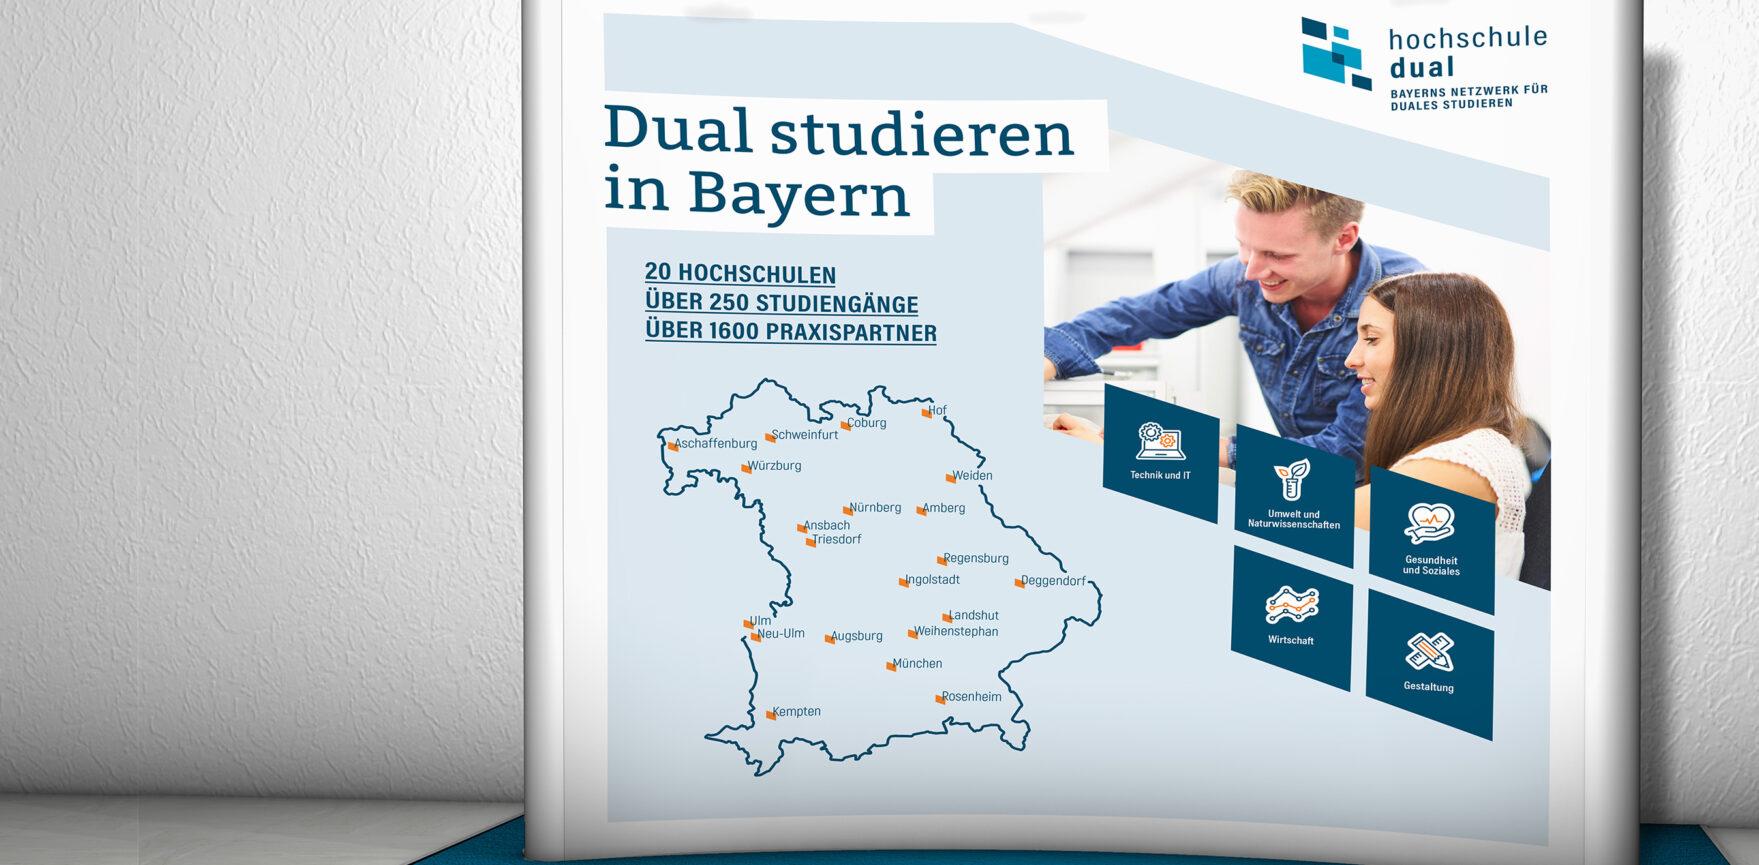 hochschule dual Corporate Design-Pressewand